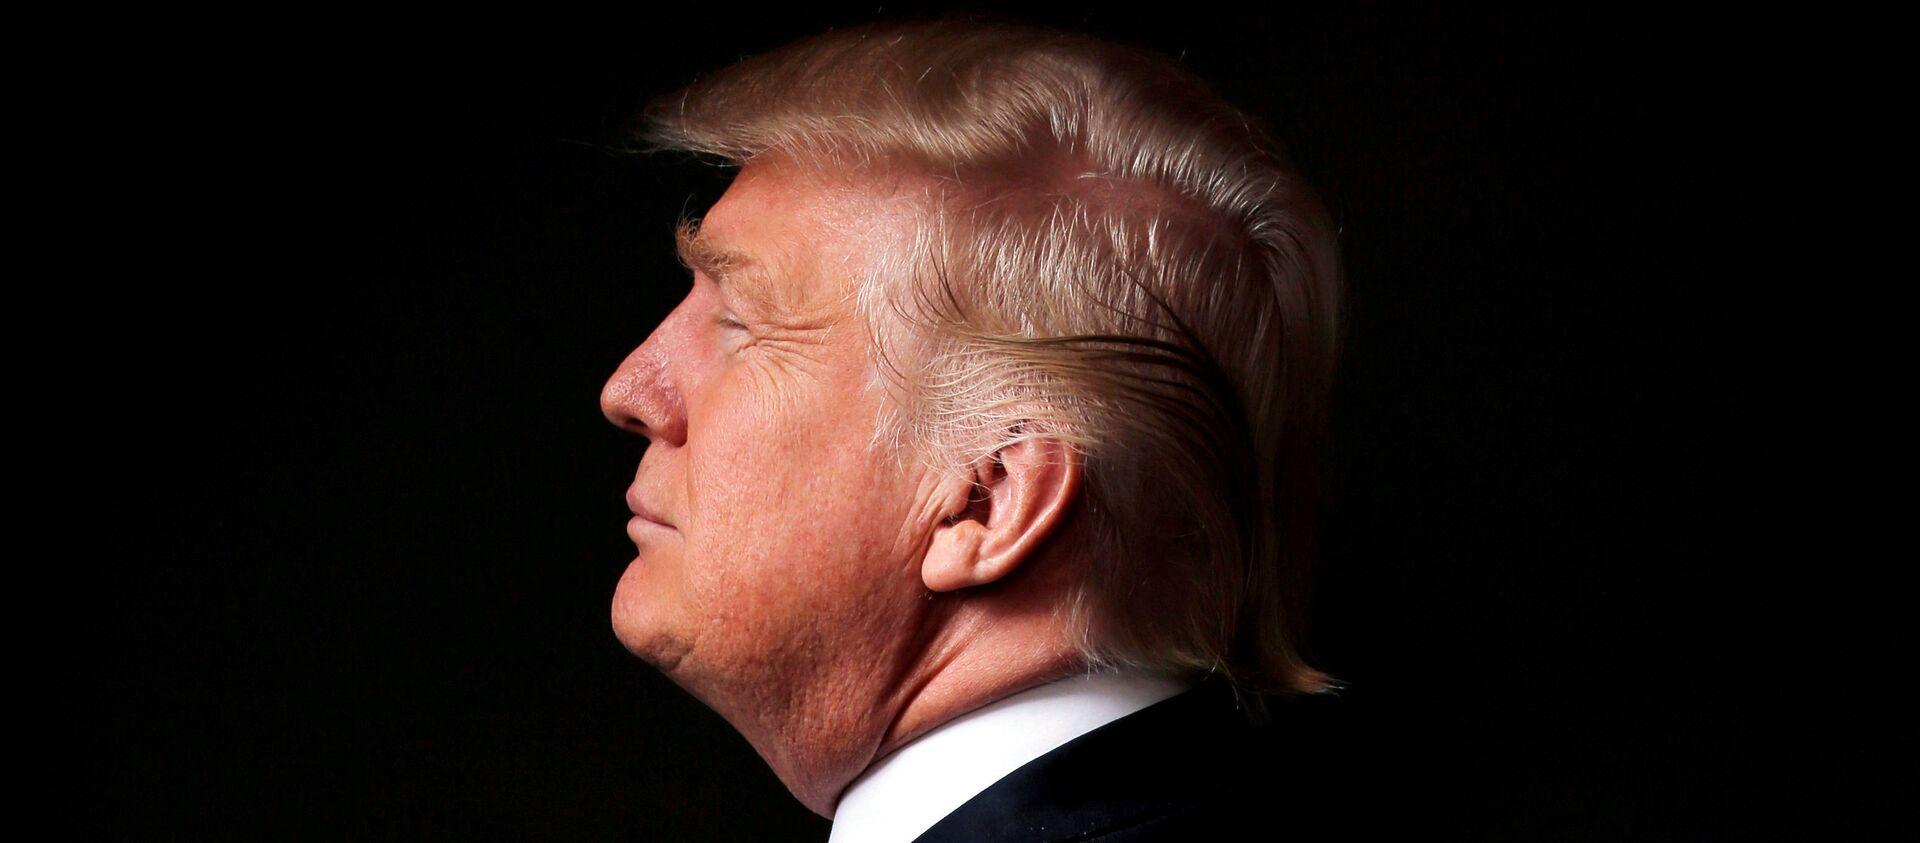 Donald Trump, presidente de EEUU - Sputnik Mundo, 1920, 20.01.2021